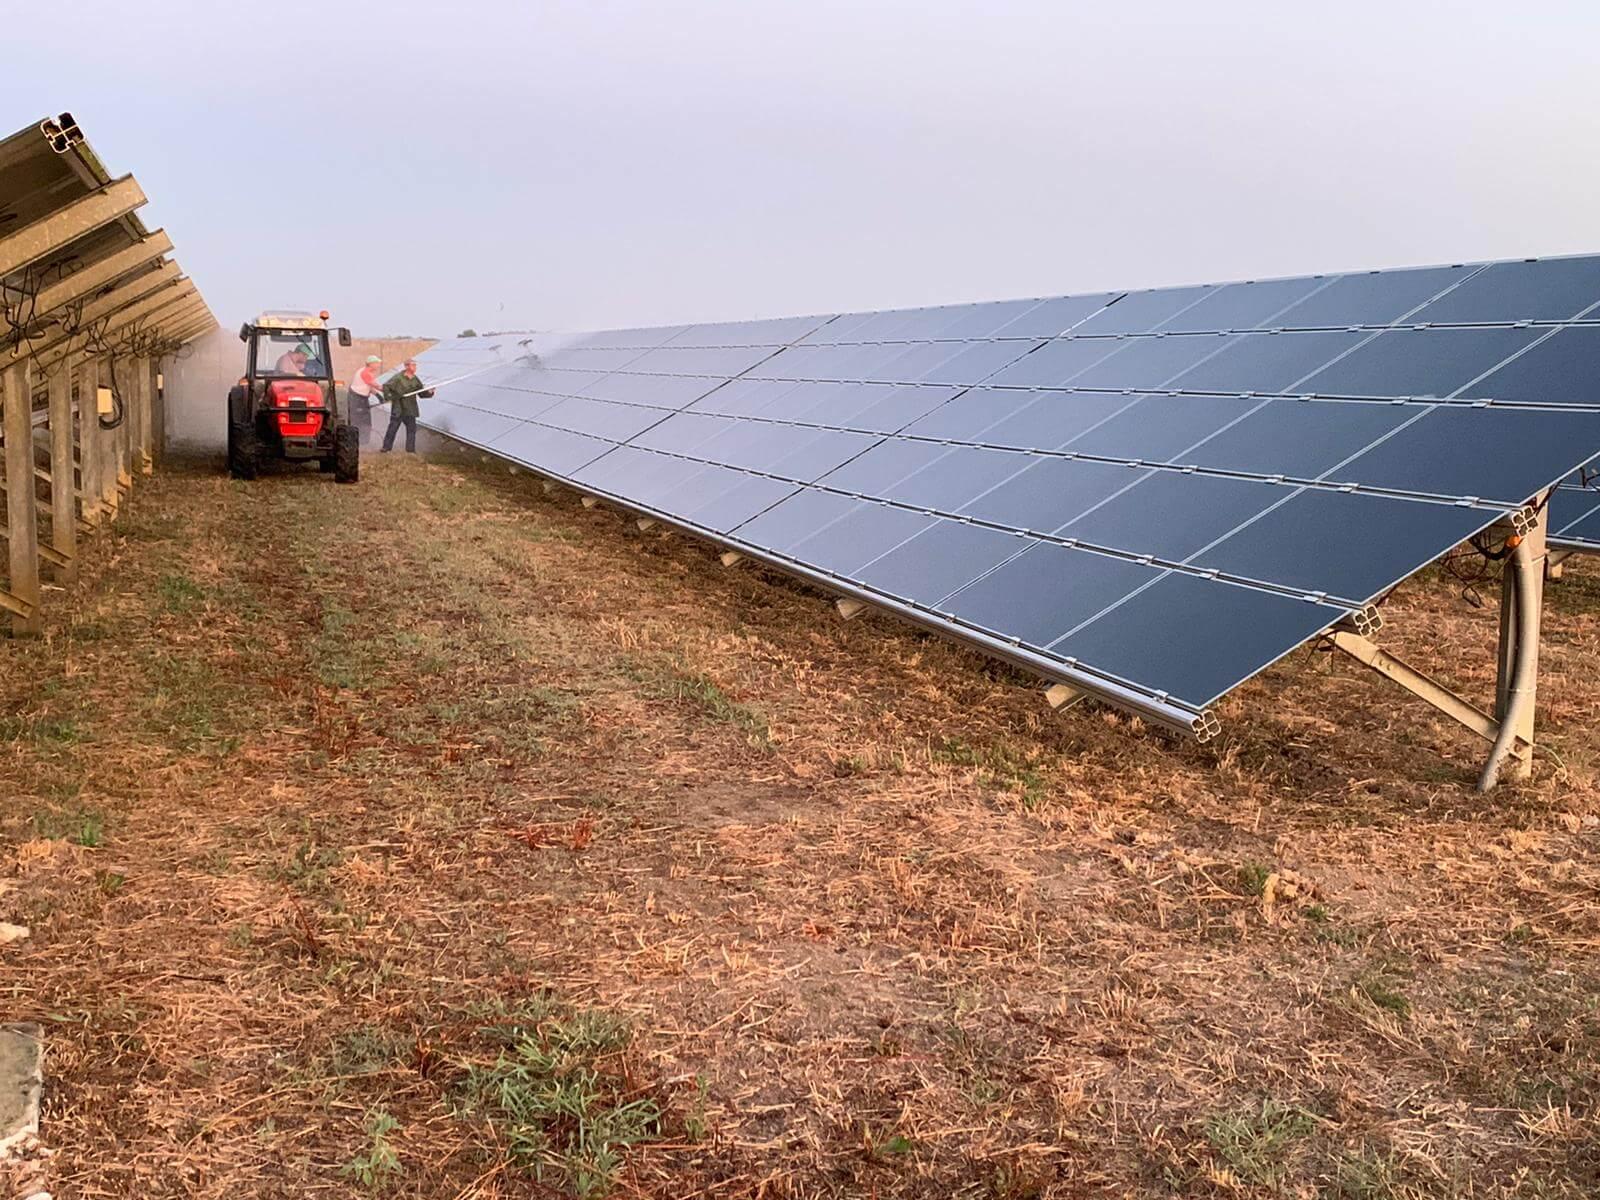 Pulizia pannelli solari 3